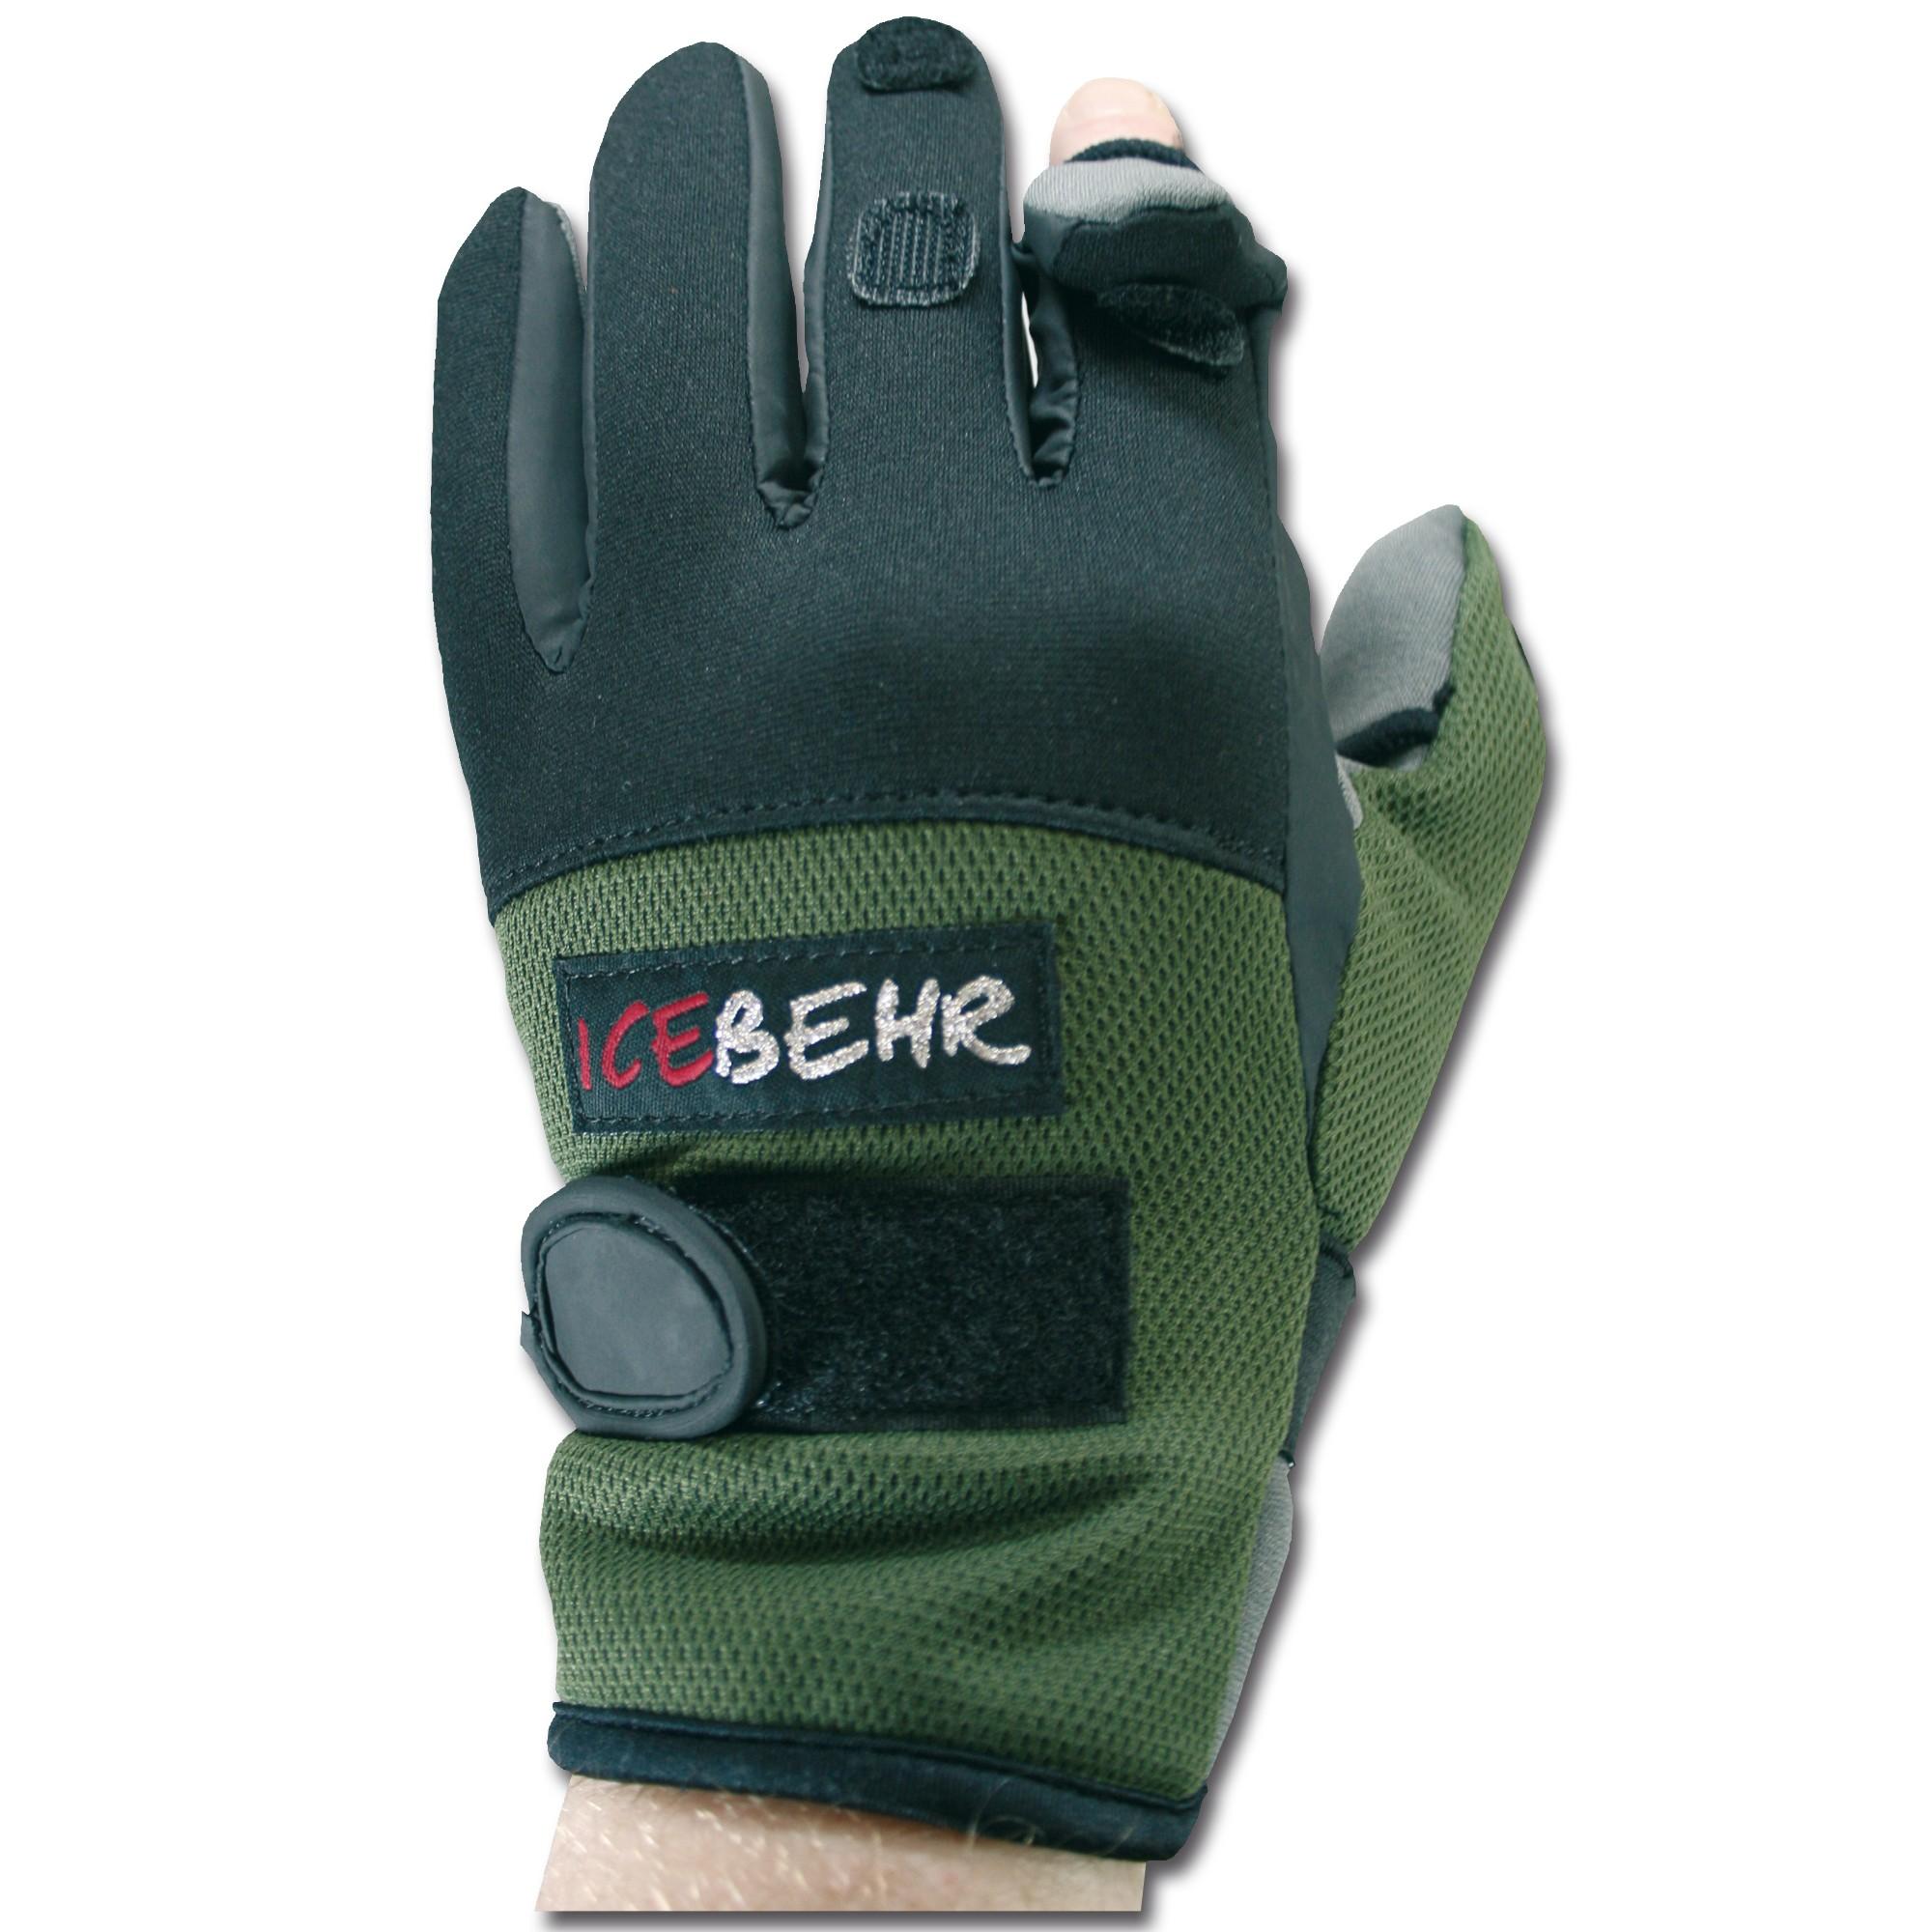 Neoprene Shooting Gloves Light green